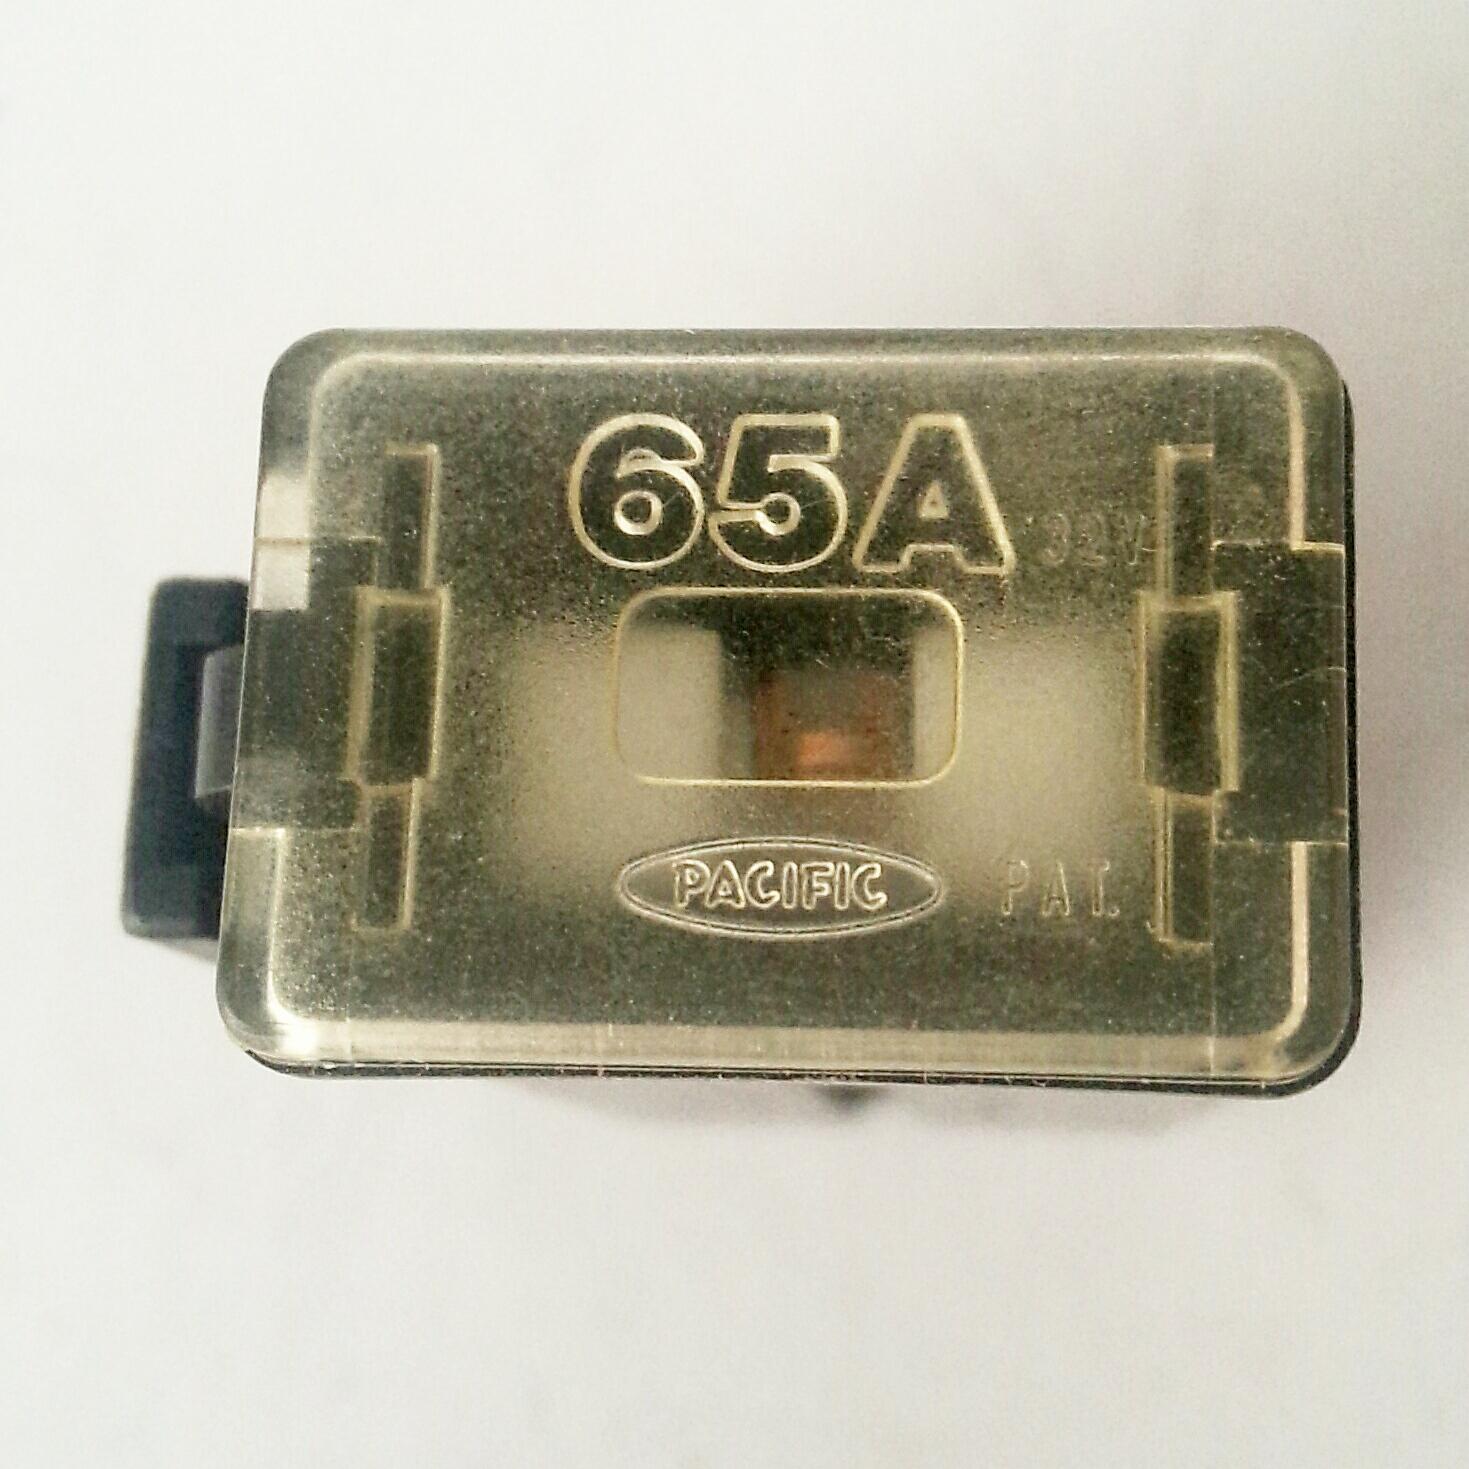 Предохранитель 65A тип PAL - Female Slot